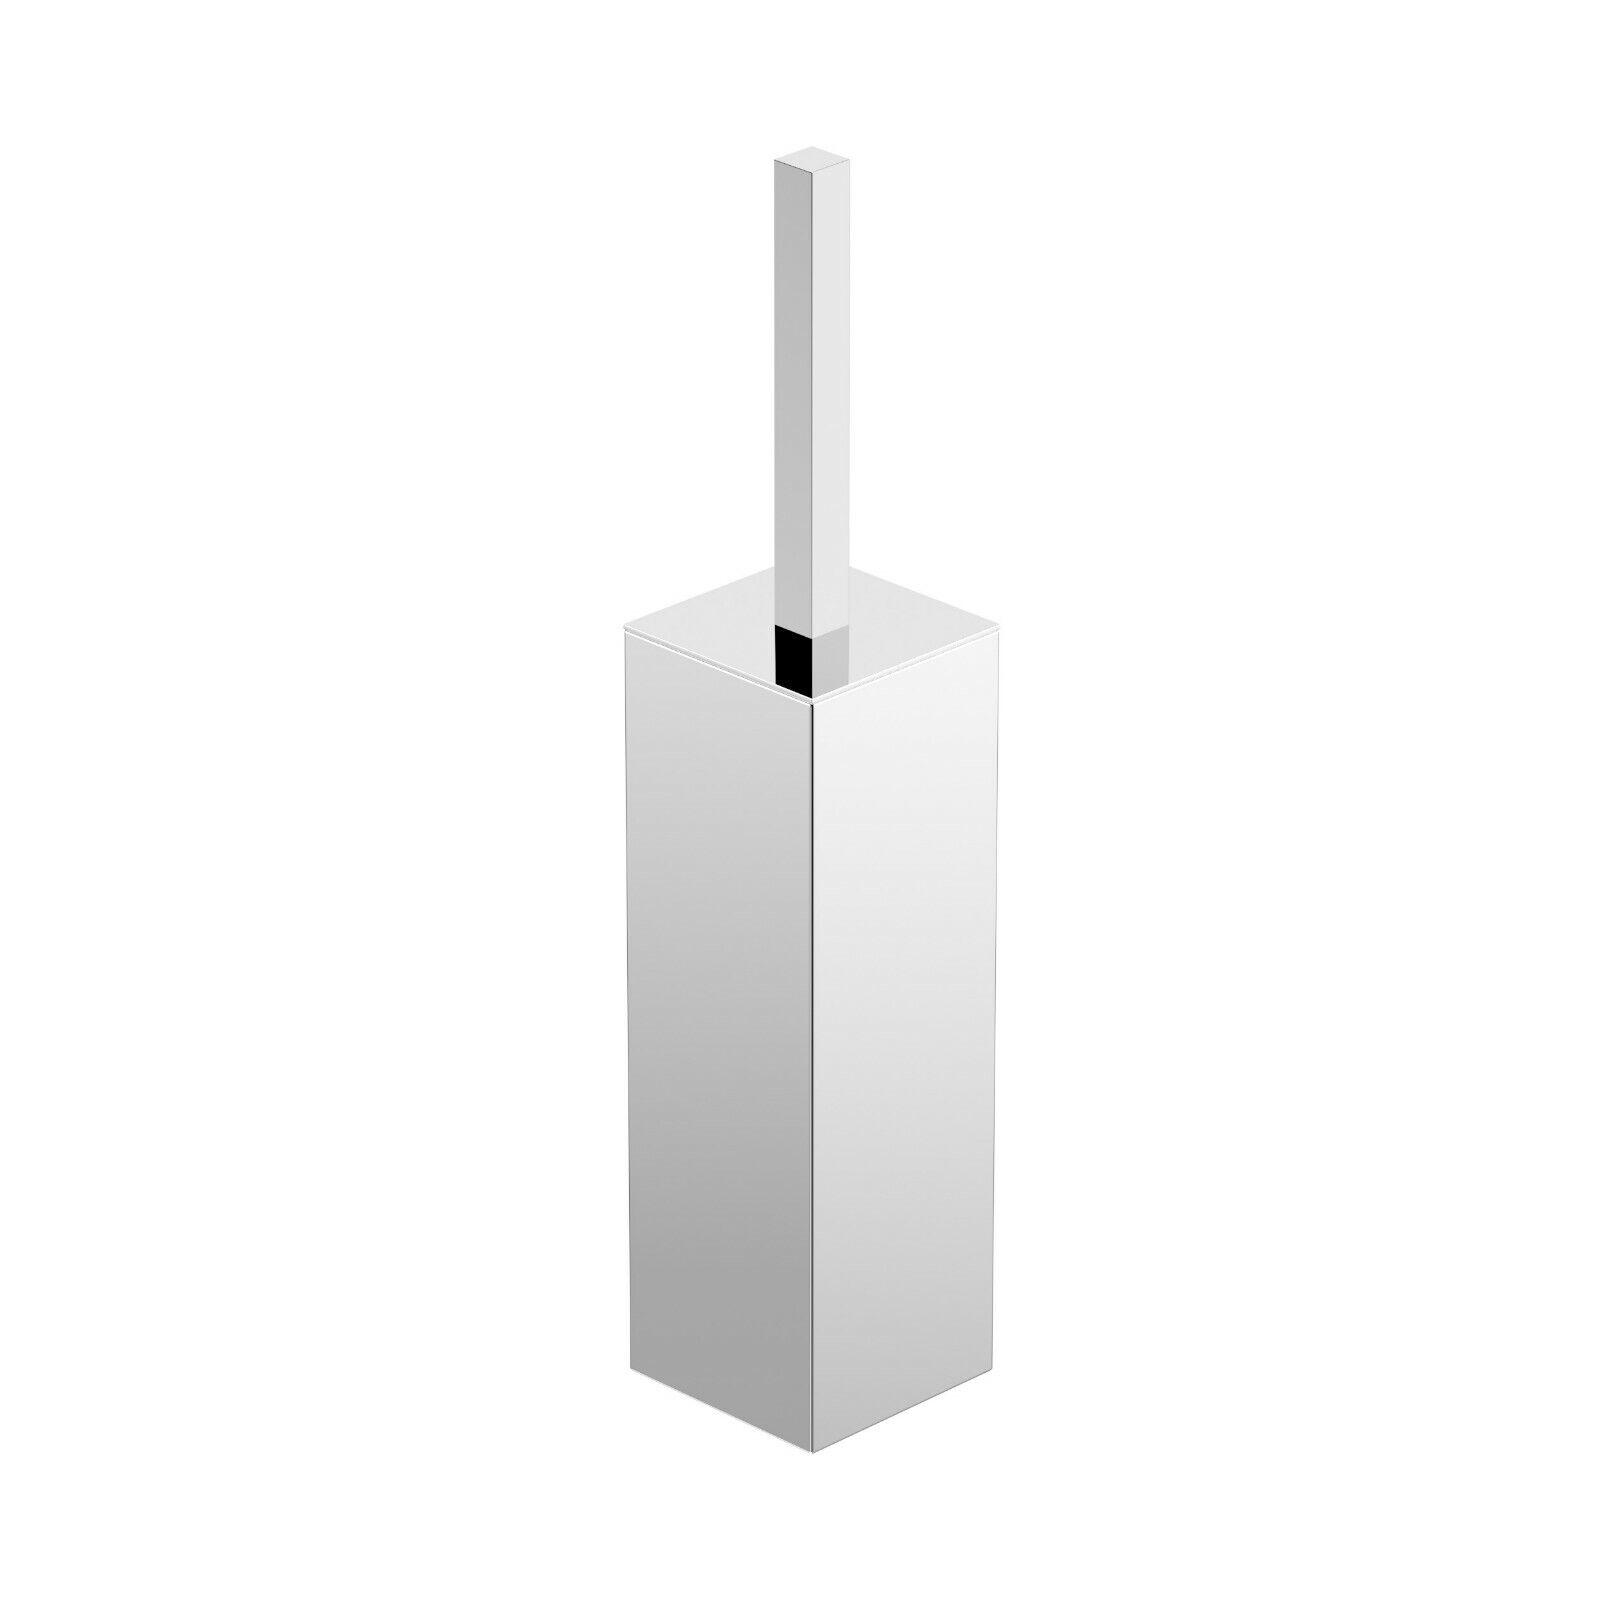 CHRIS BERGEN Toilettenbürstengarnitur WC-Garnitur Bürstengarnitur Wandmontage